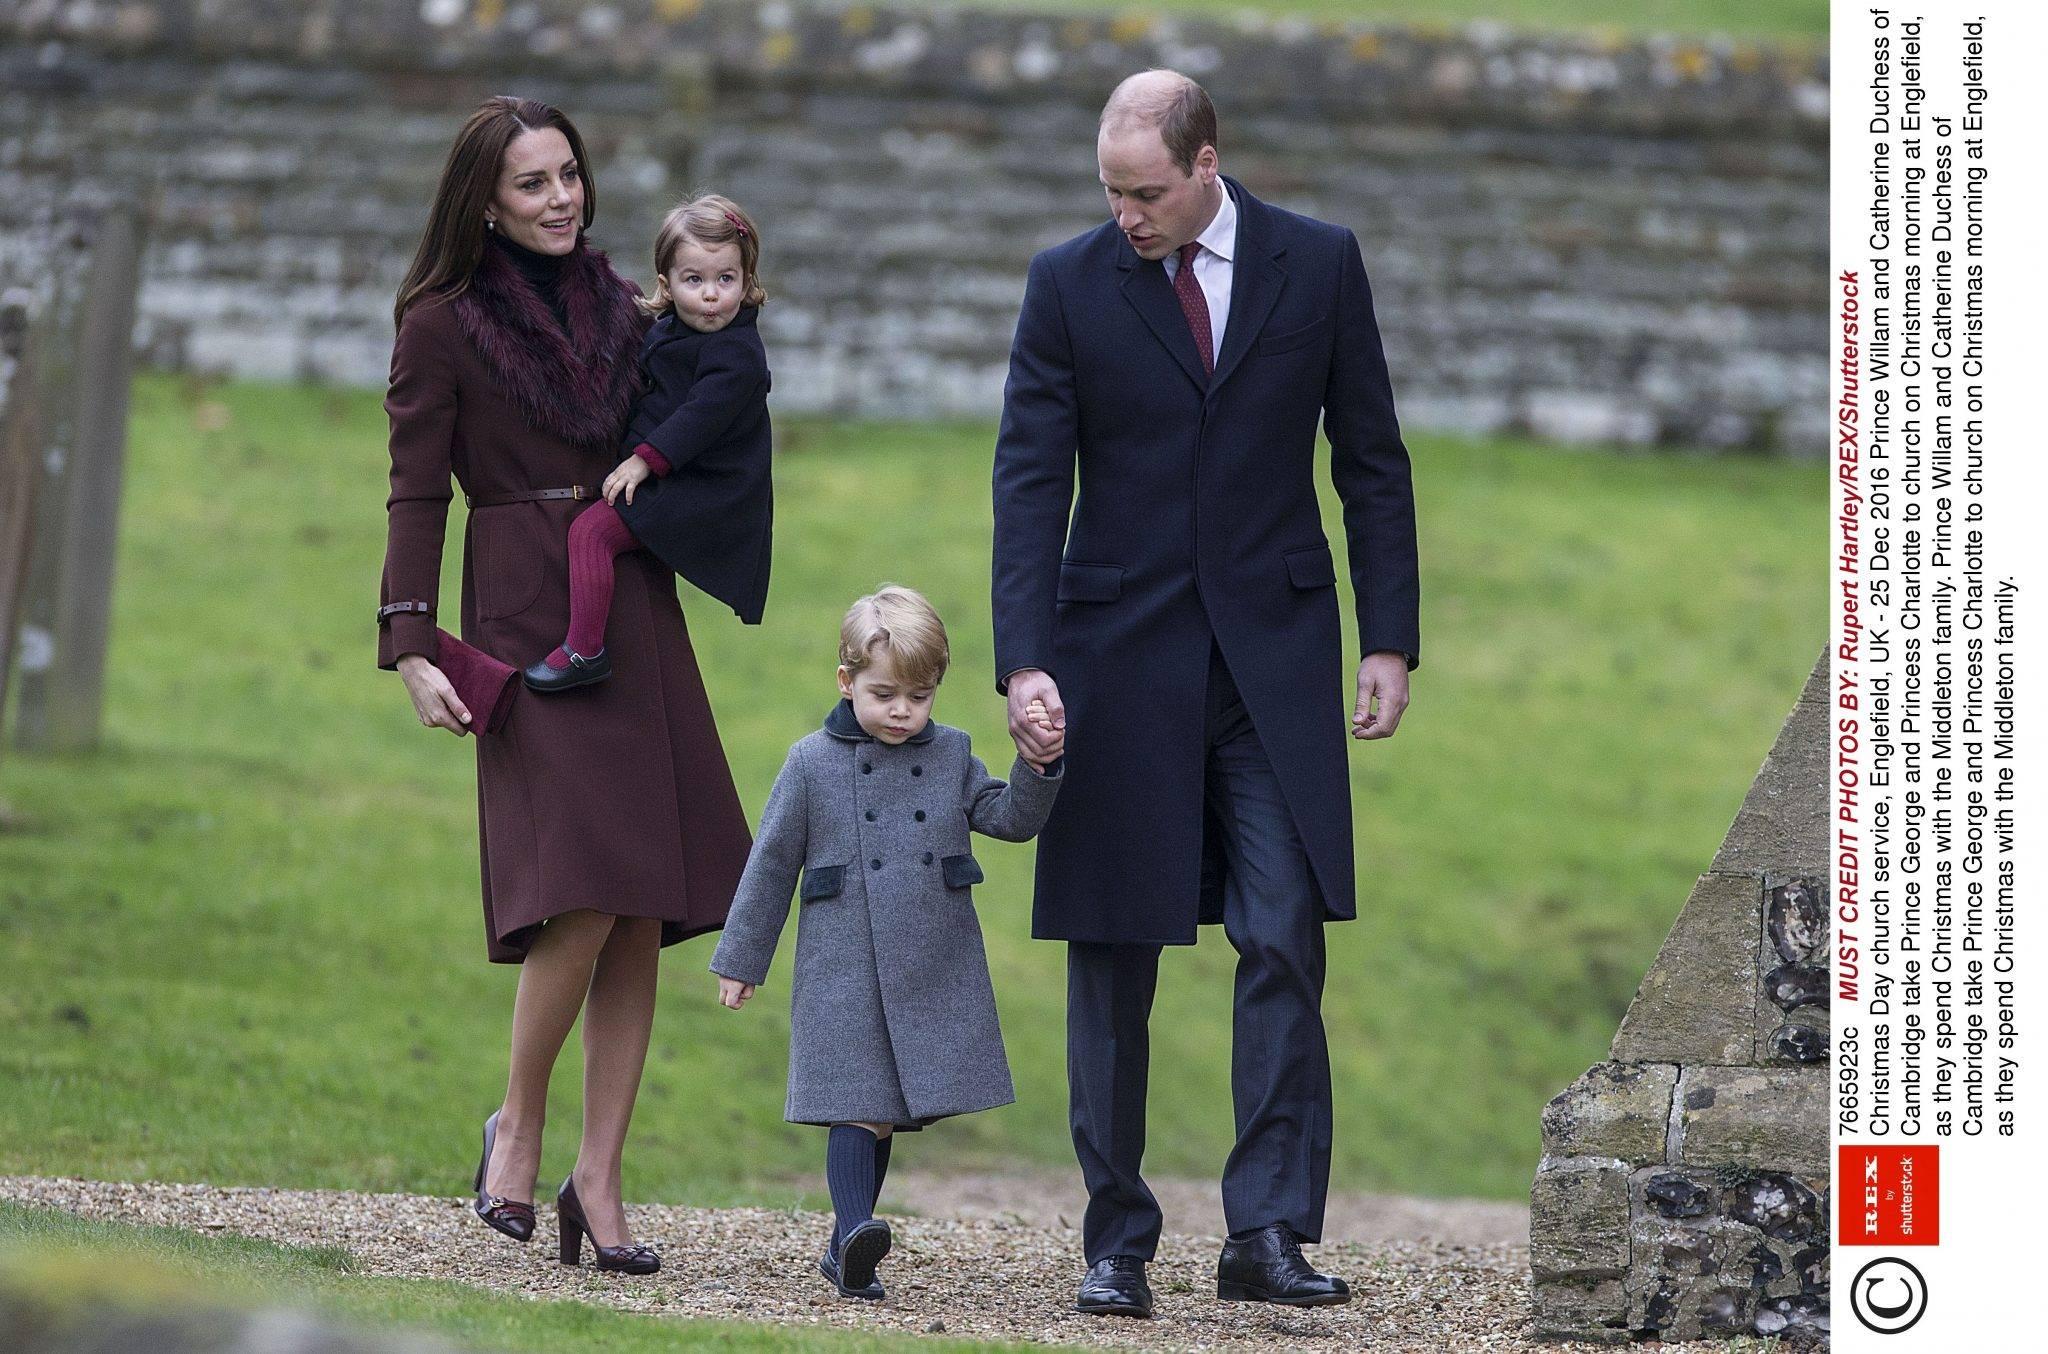 Księżna Kate z rodziną zadali szyku na świątecznej mszy! Charlotte urocza jak nigdy, a Geroge... Tak stylowy jeszcze nie był - Księżna Kate z dziećmi w Bucklebury